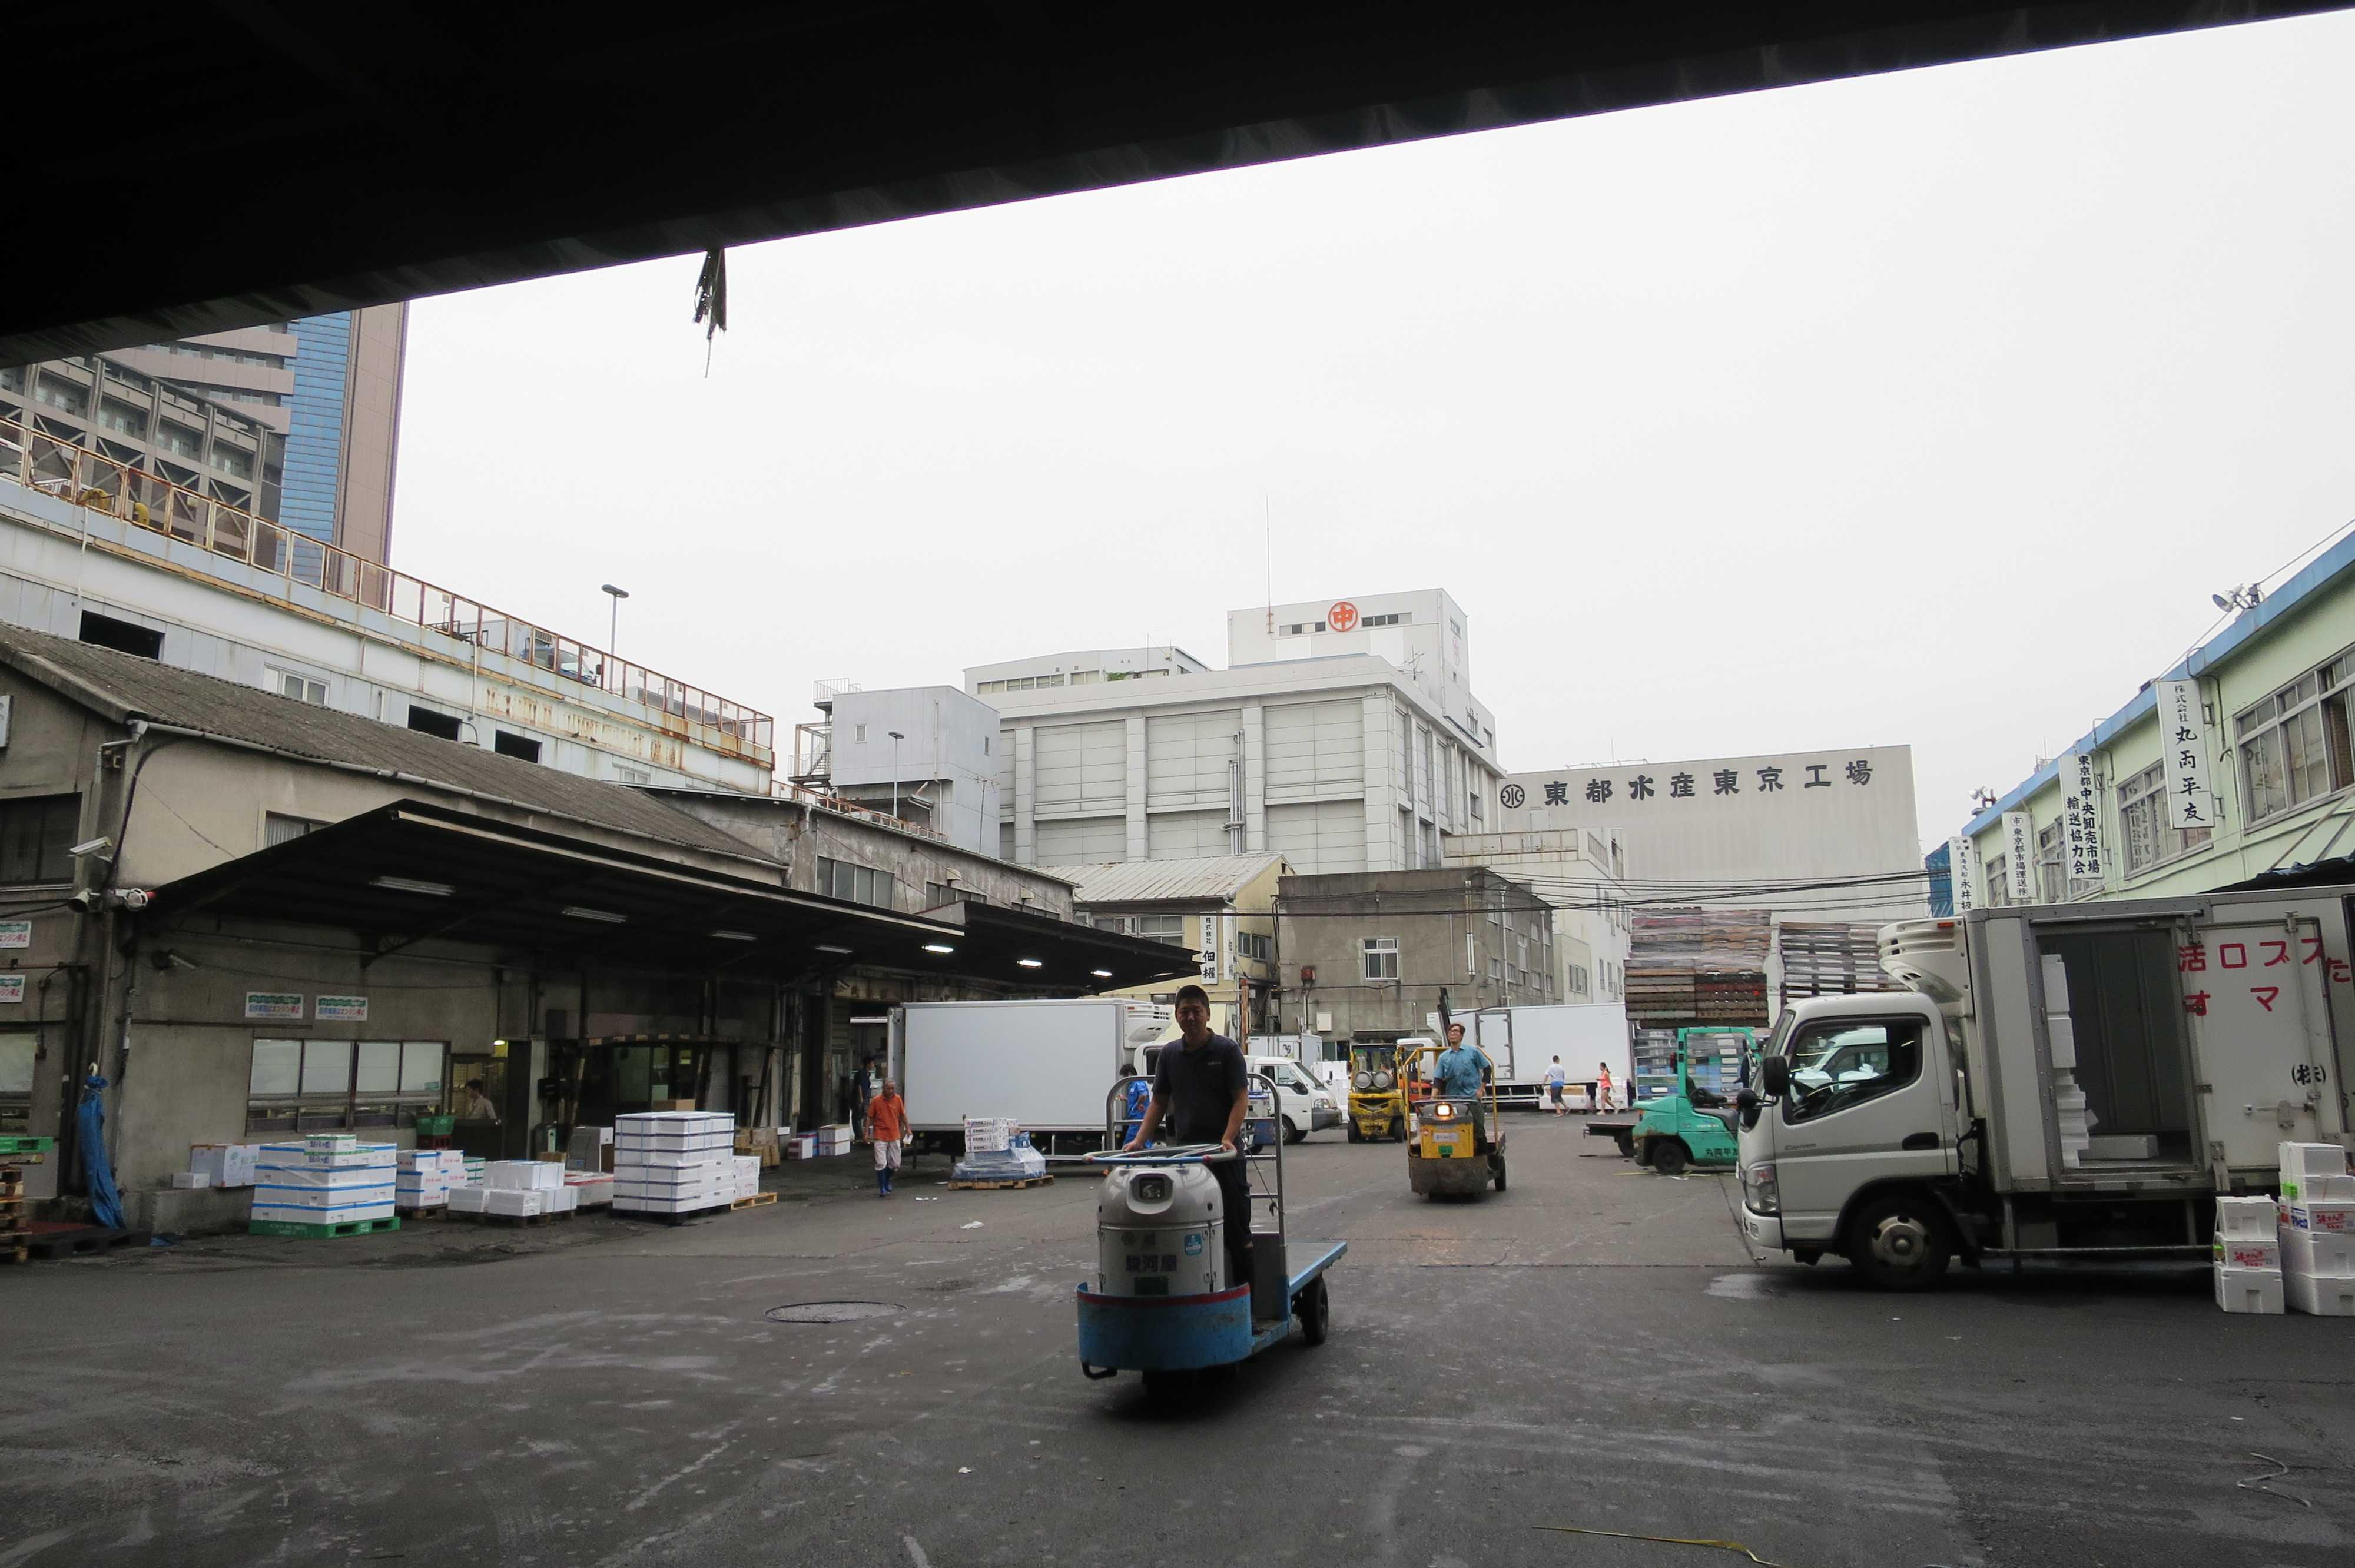 築地市場 - 朝6時半頃の様子